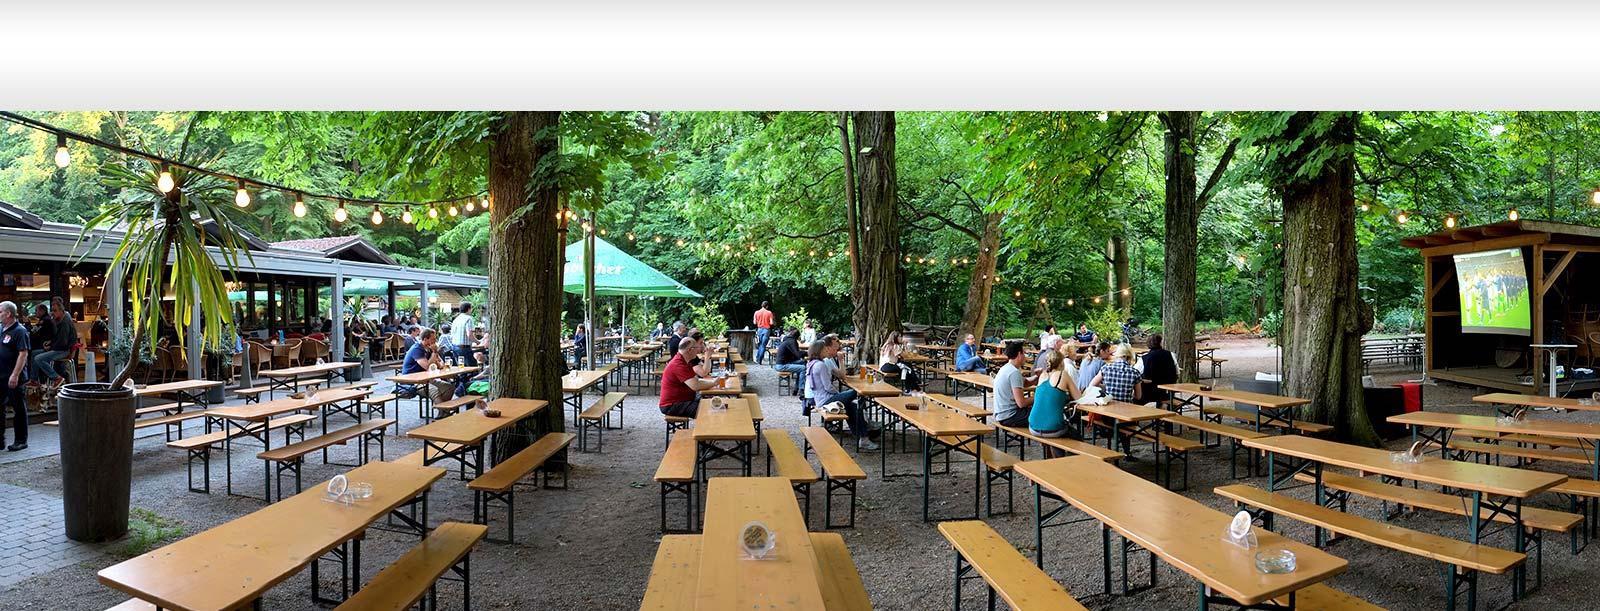 Biergarten Hannover 1